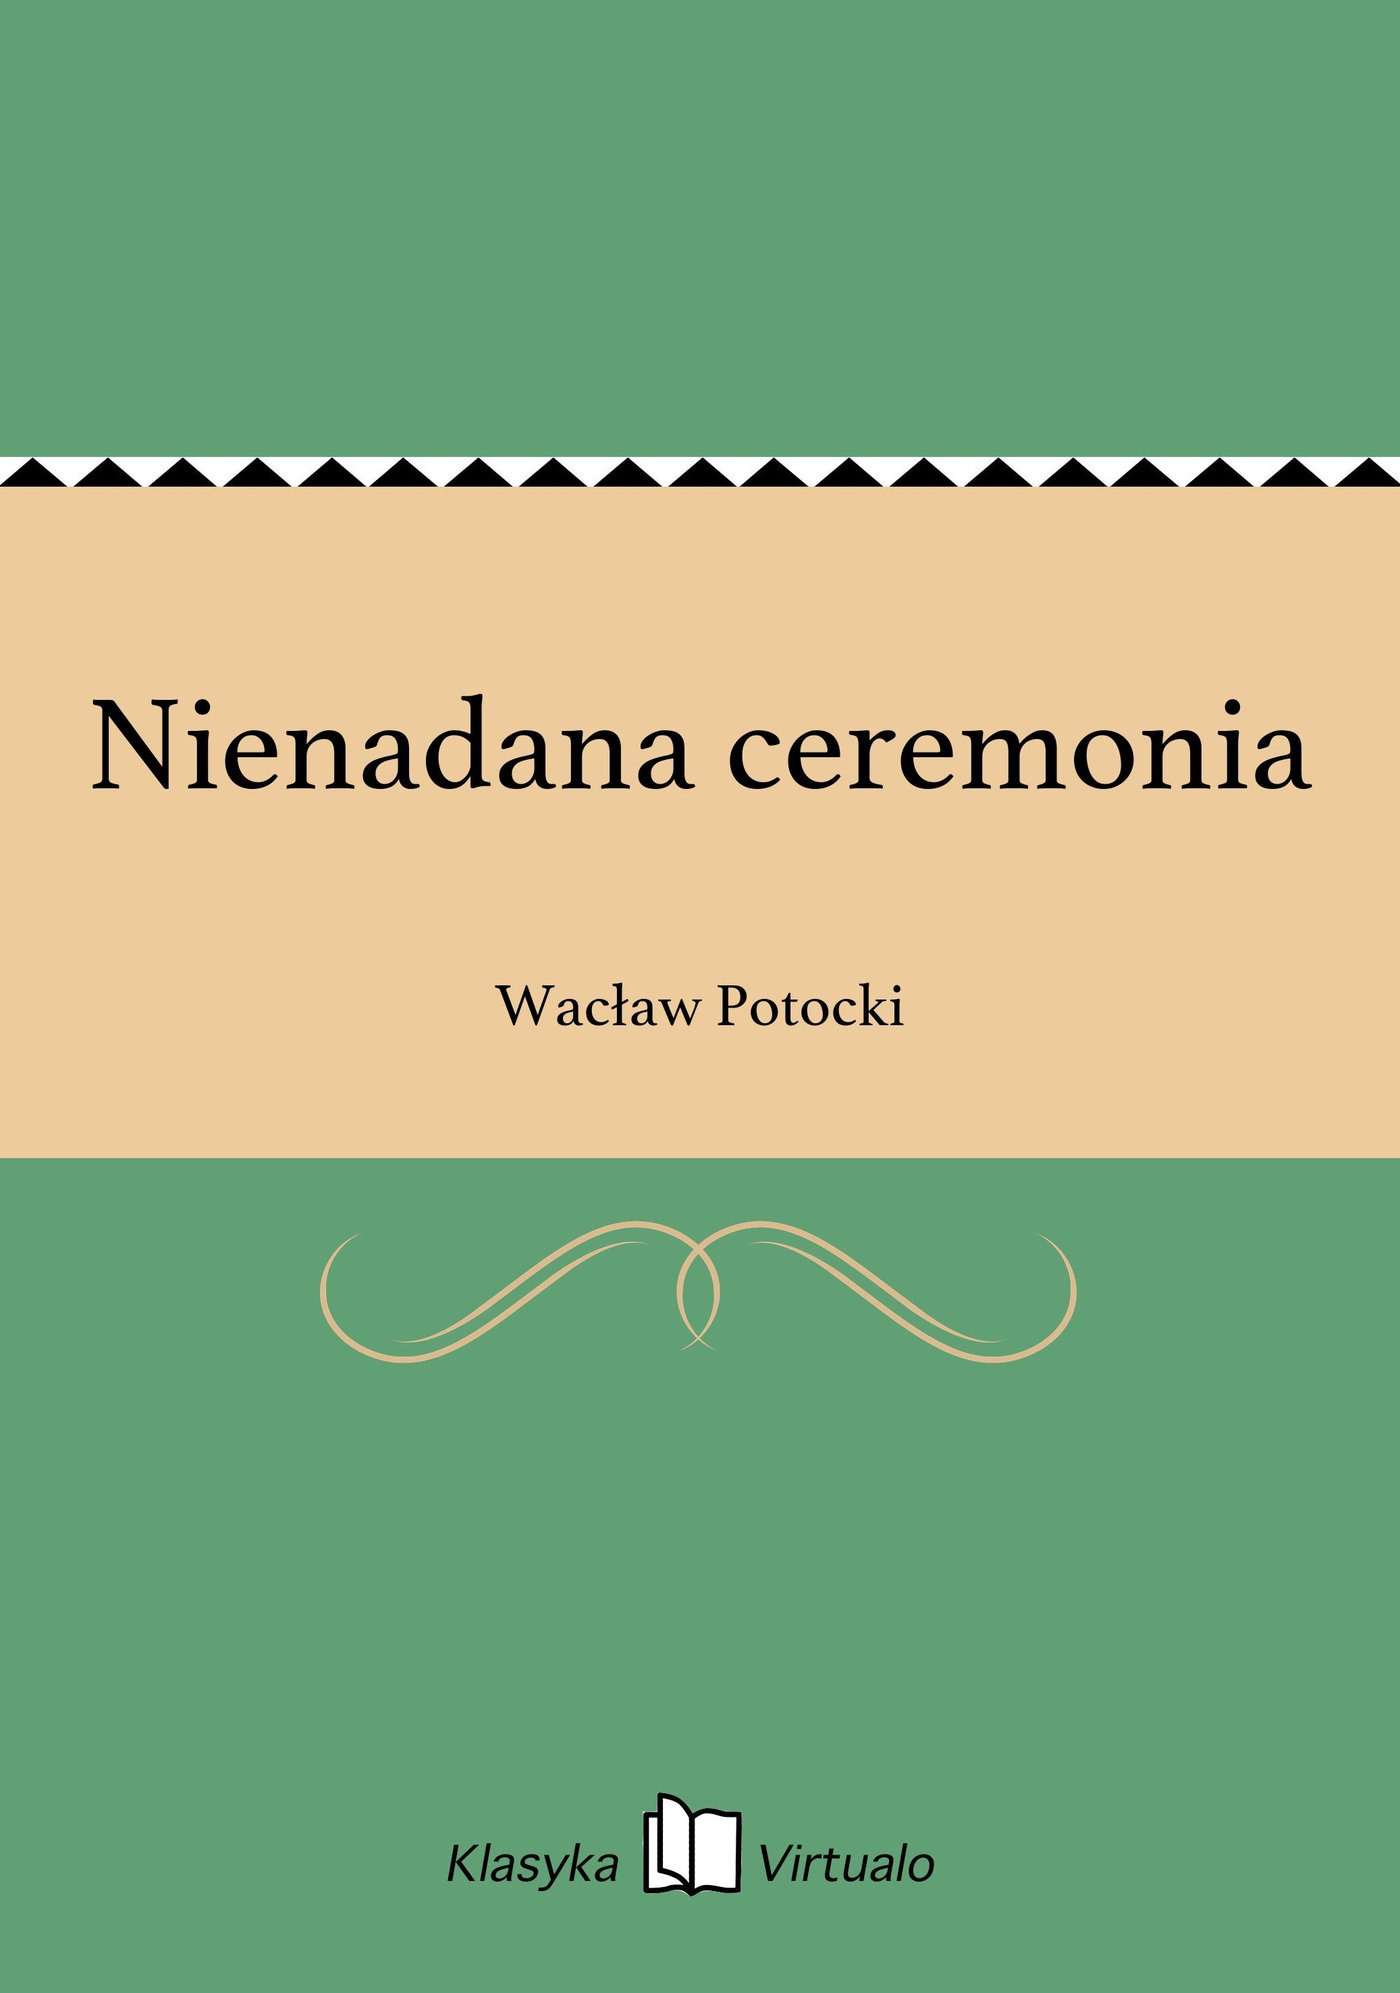 Nienadana ceremonia - Ebook (Książka EPUB) do pobrania w formacie EPUB